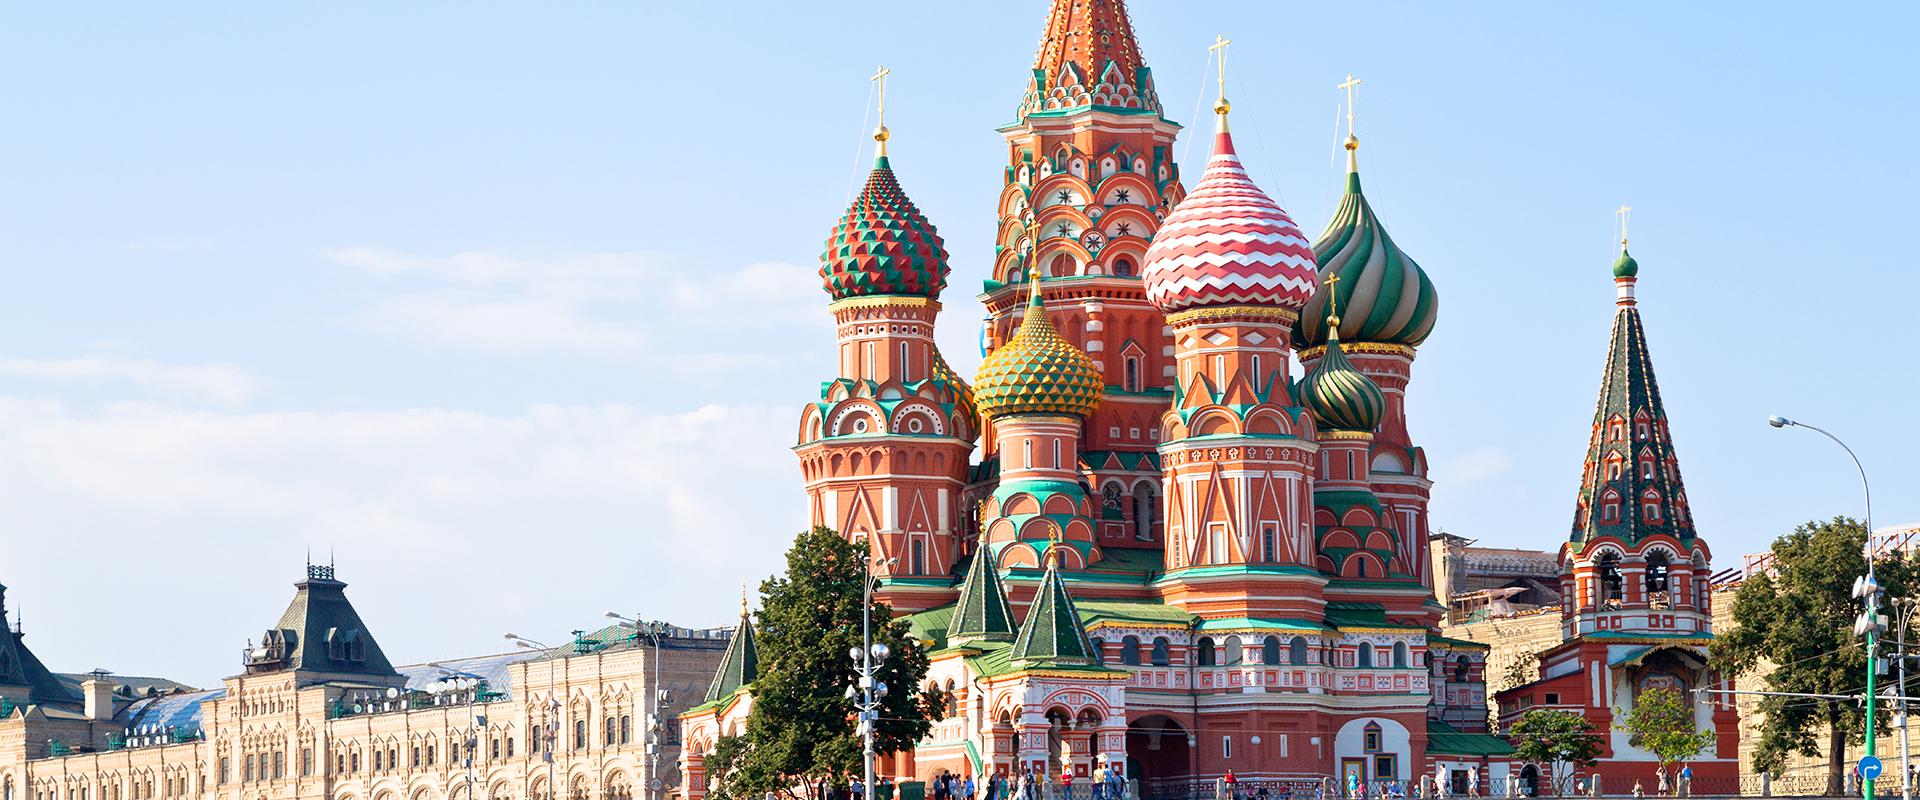 Έτοιμη η Μόσχα για μαζικό εμβολιασμό – Τα κατάφερε χωρίς καθολικό lockdown;